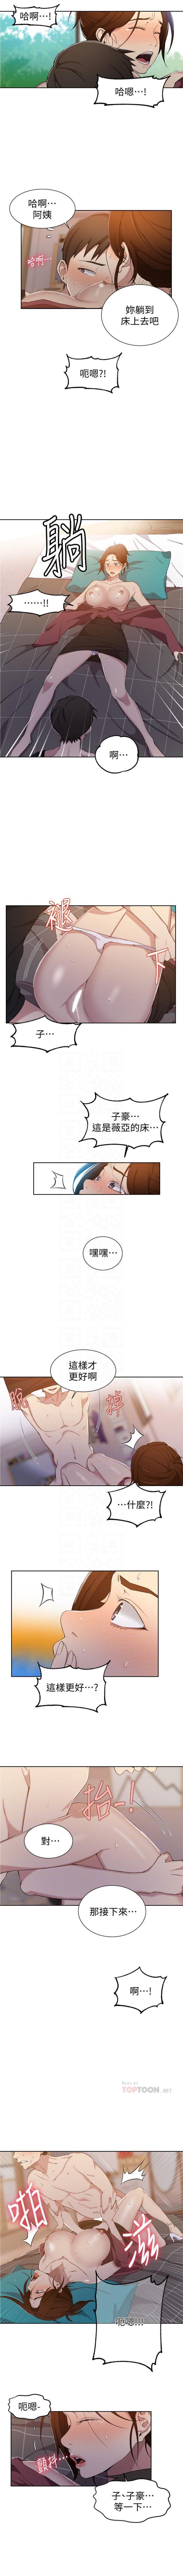 秘密教學  1-55 官方中文(連載中) 285